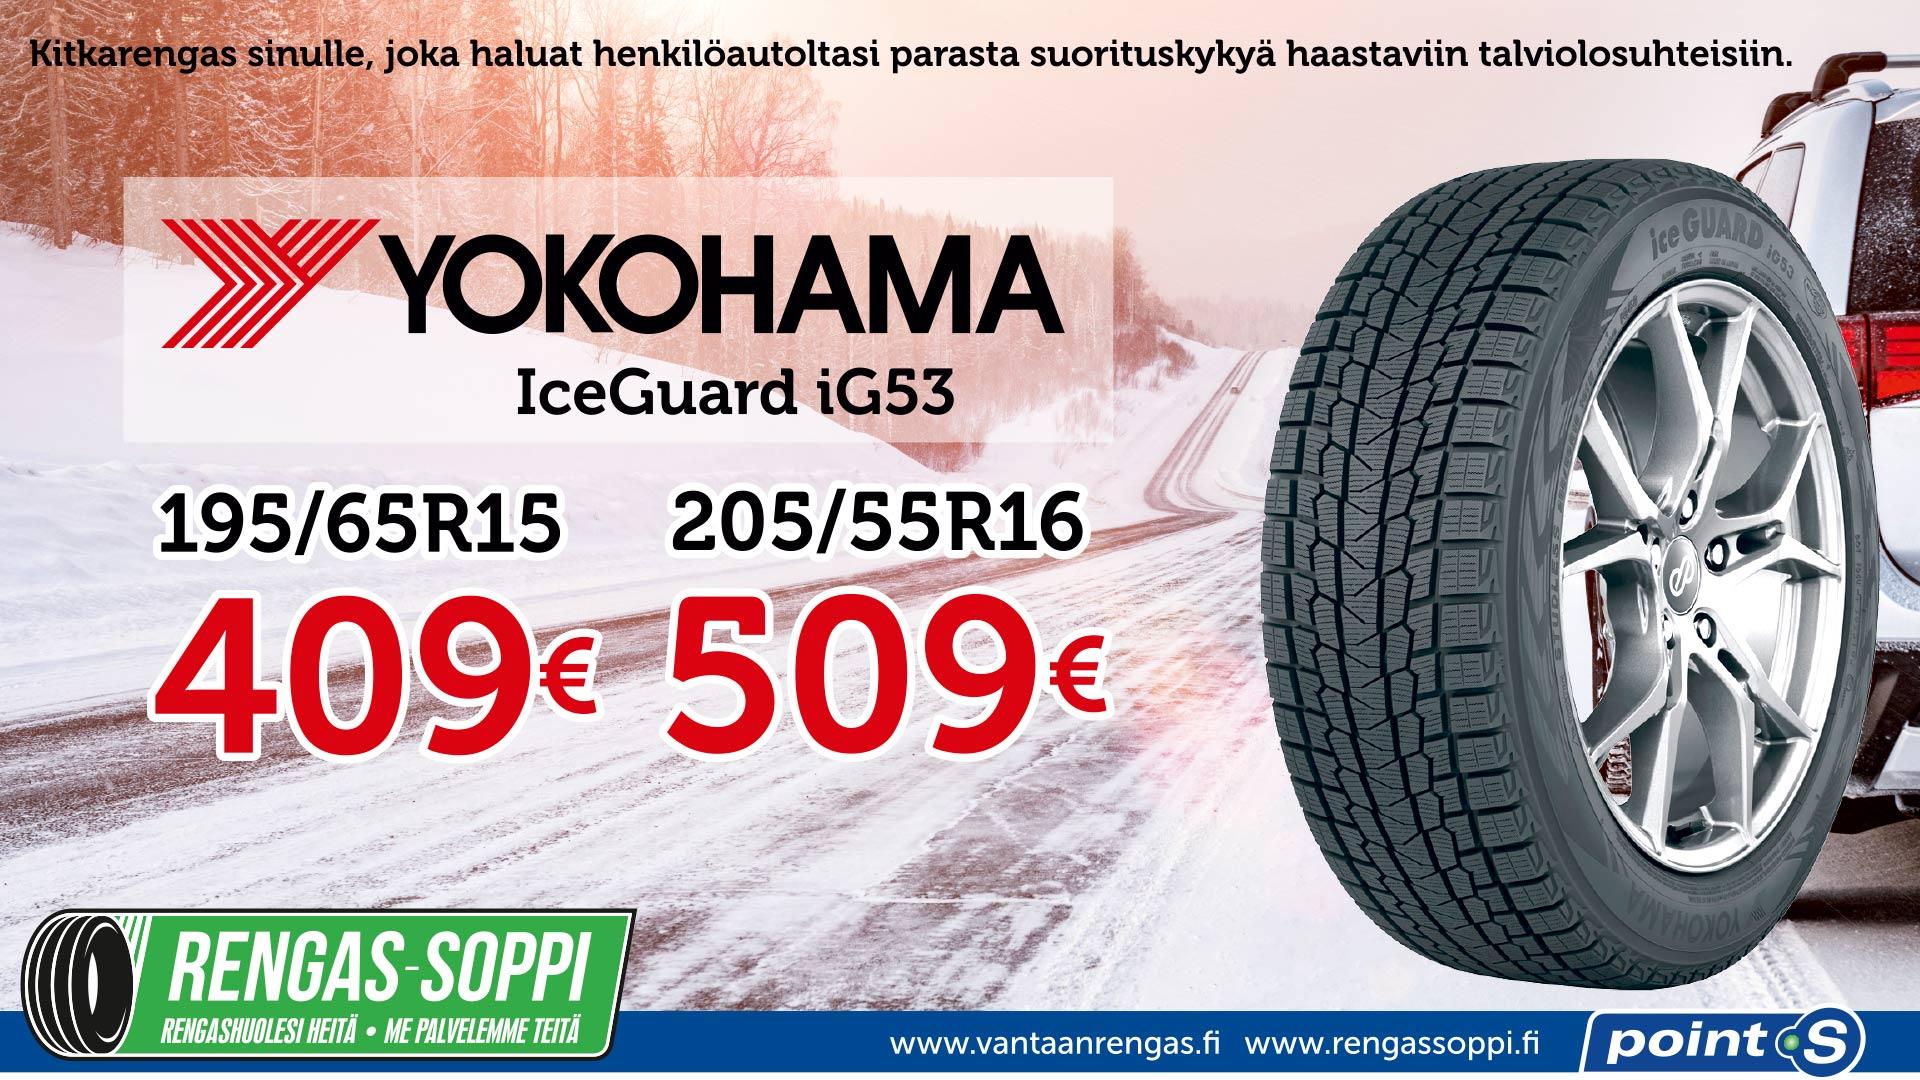 Yokohama IceGuard iG53 | Yllättäjä